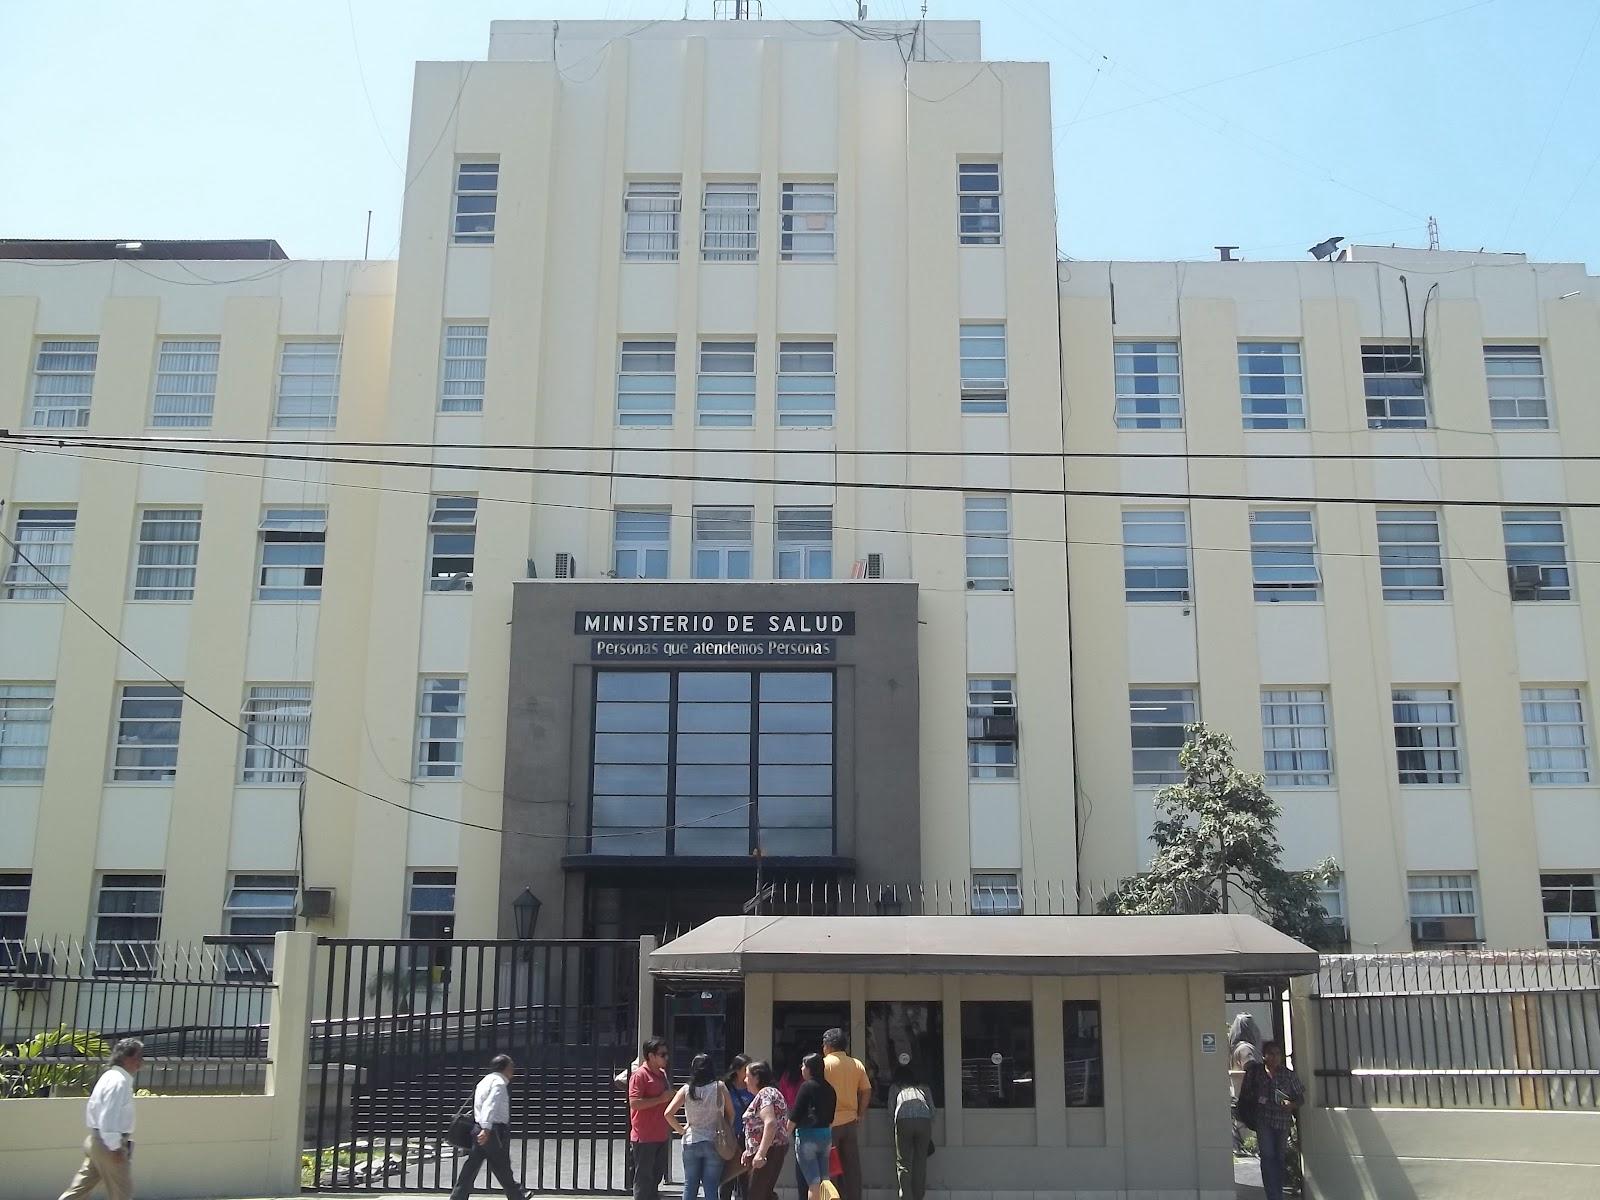 Arquitectura contemporanea de lima 4854 ministerio de salud for Ministerio del interior migraciones peru